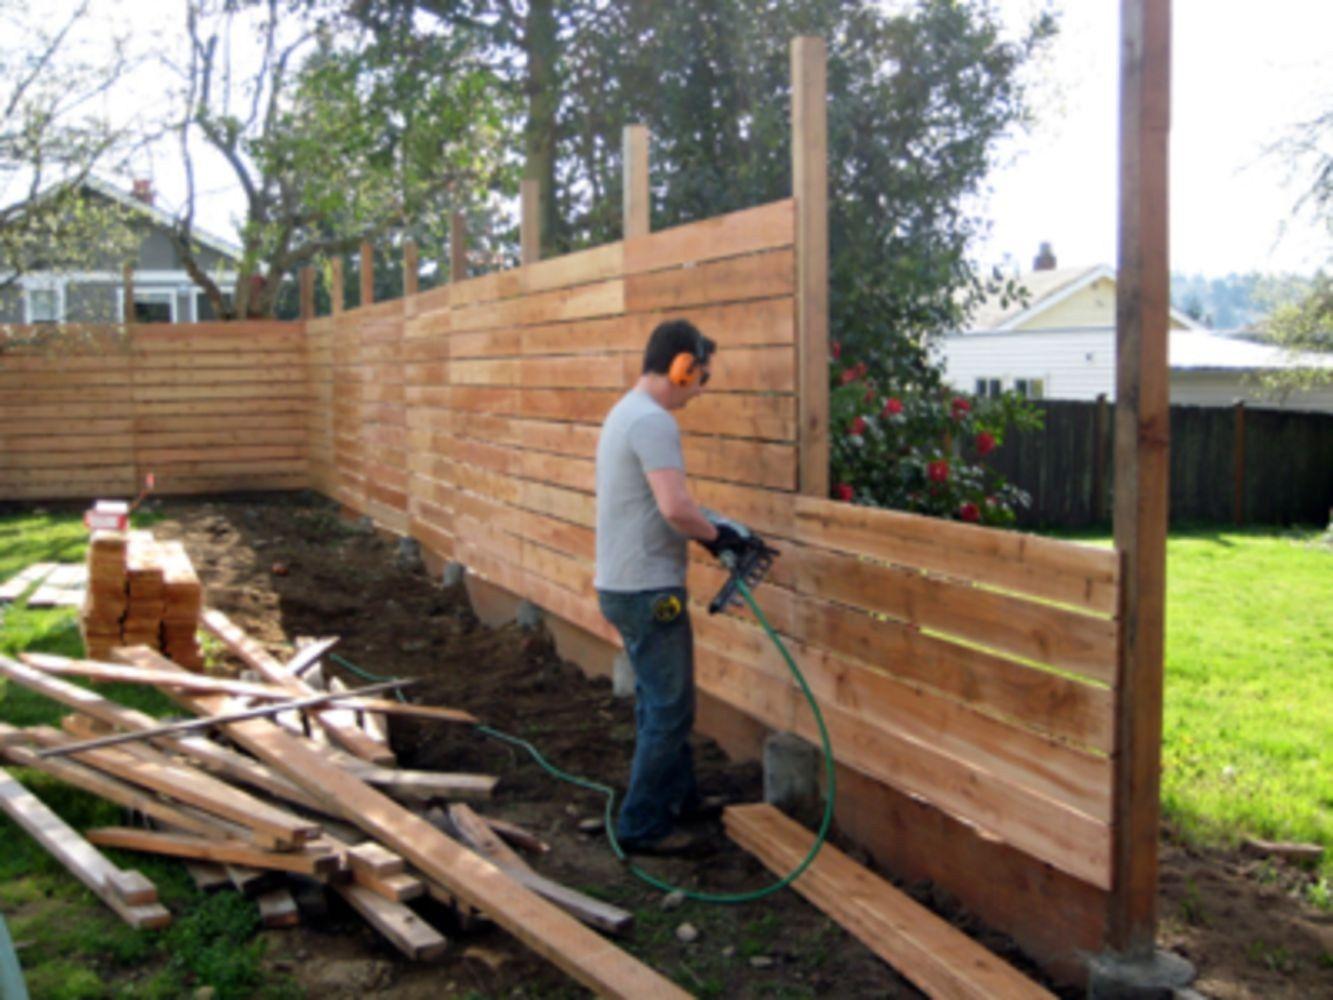 cheap fence ideas #Fence Tags: cheap fence ideas diy, cheap fence ideas for  dogs, cheap fence ideas privacy, cheap fence ideas driveways, cheap fence  ideas